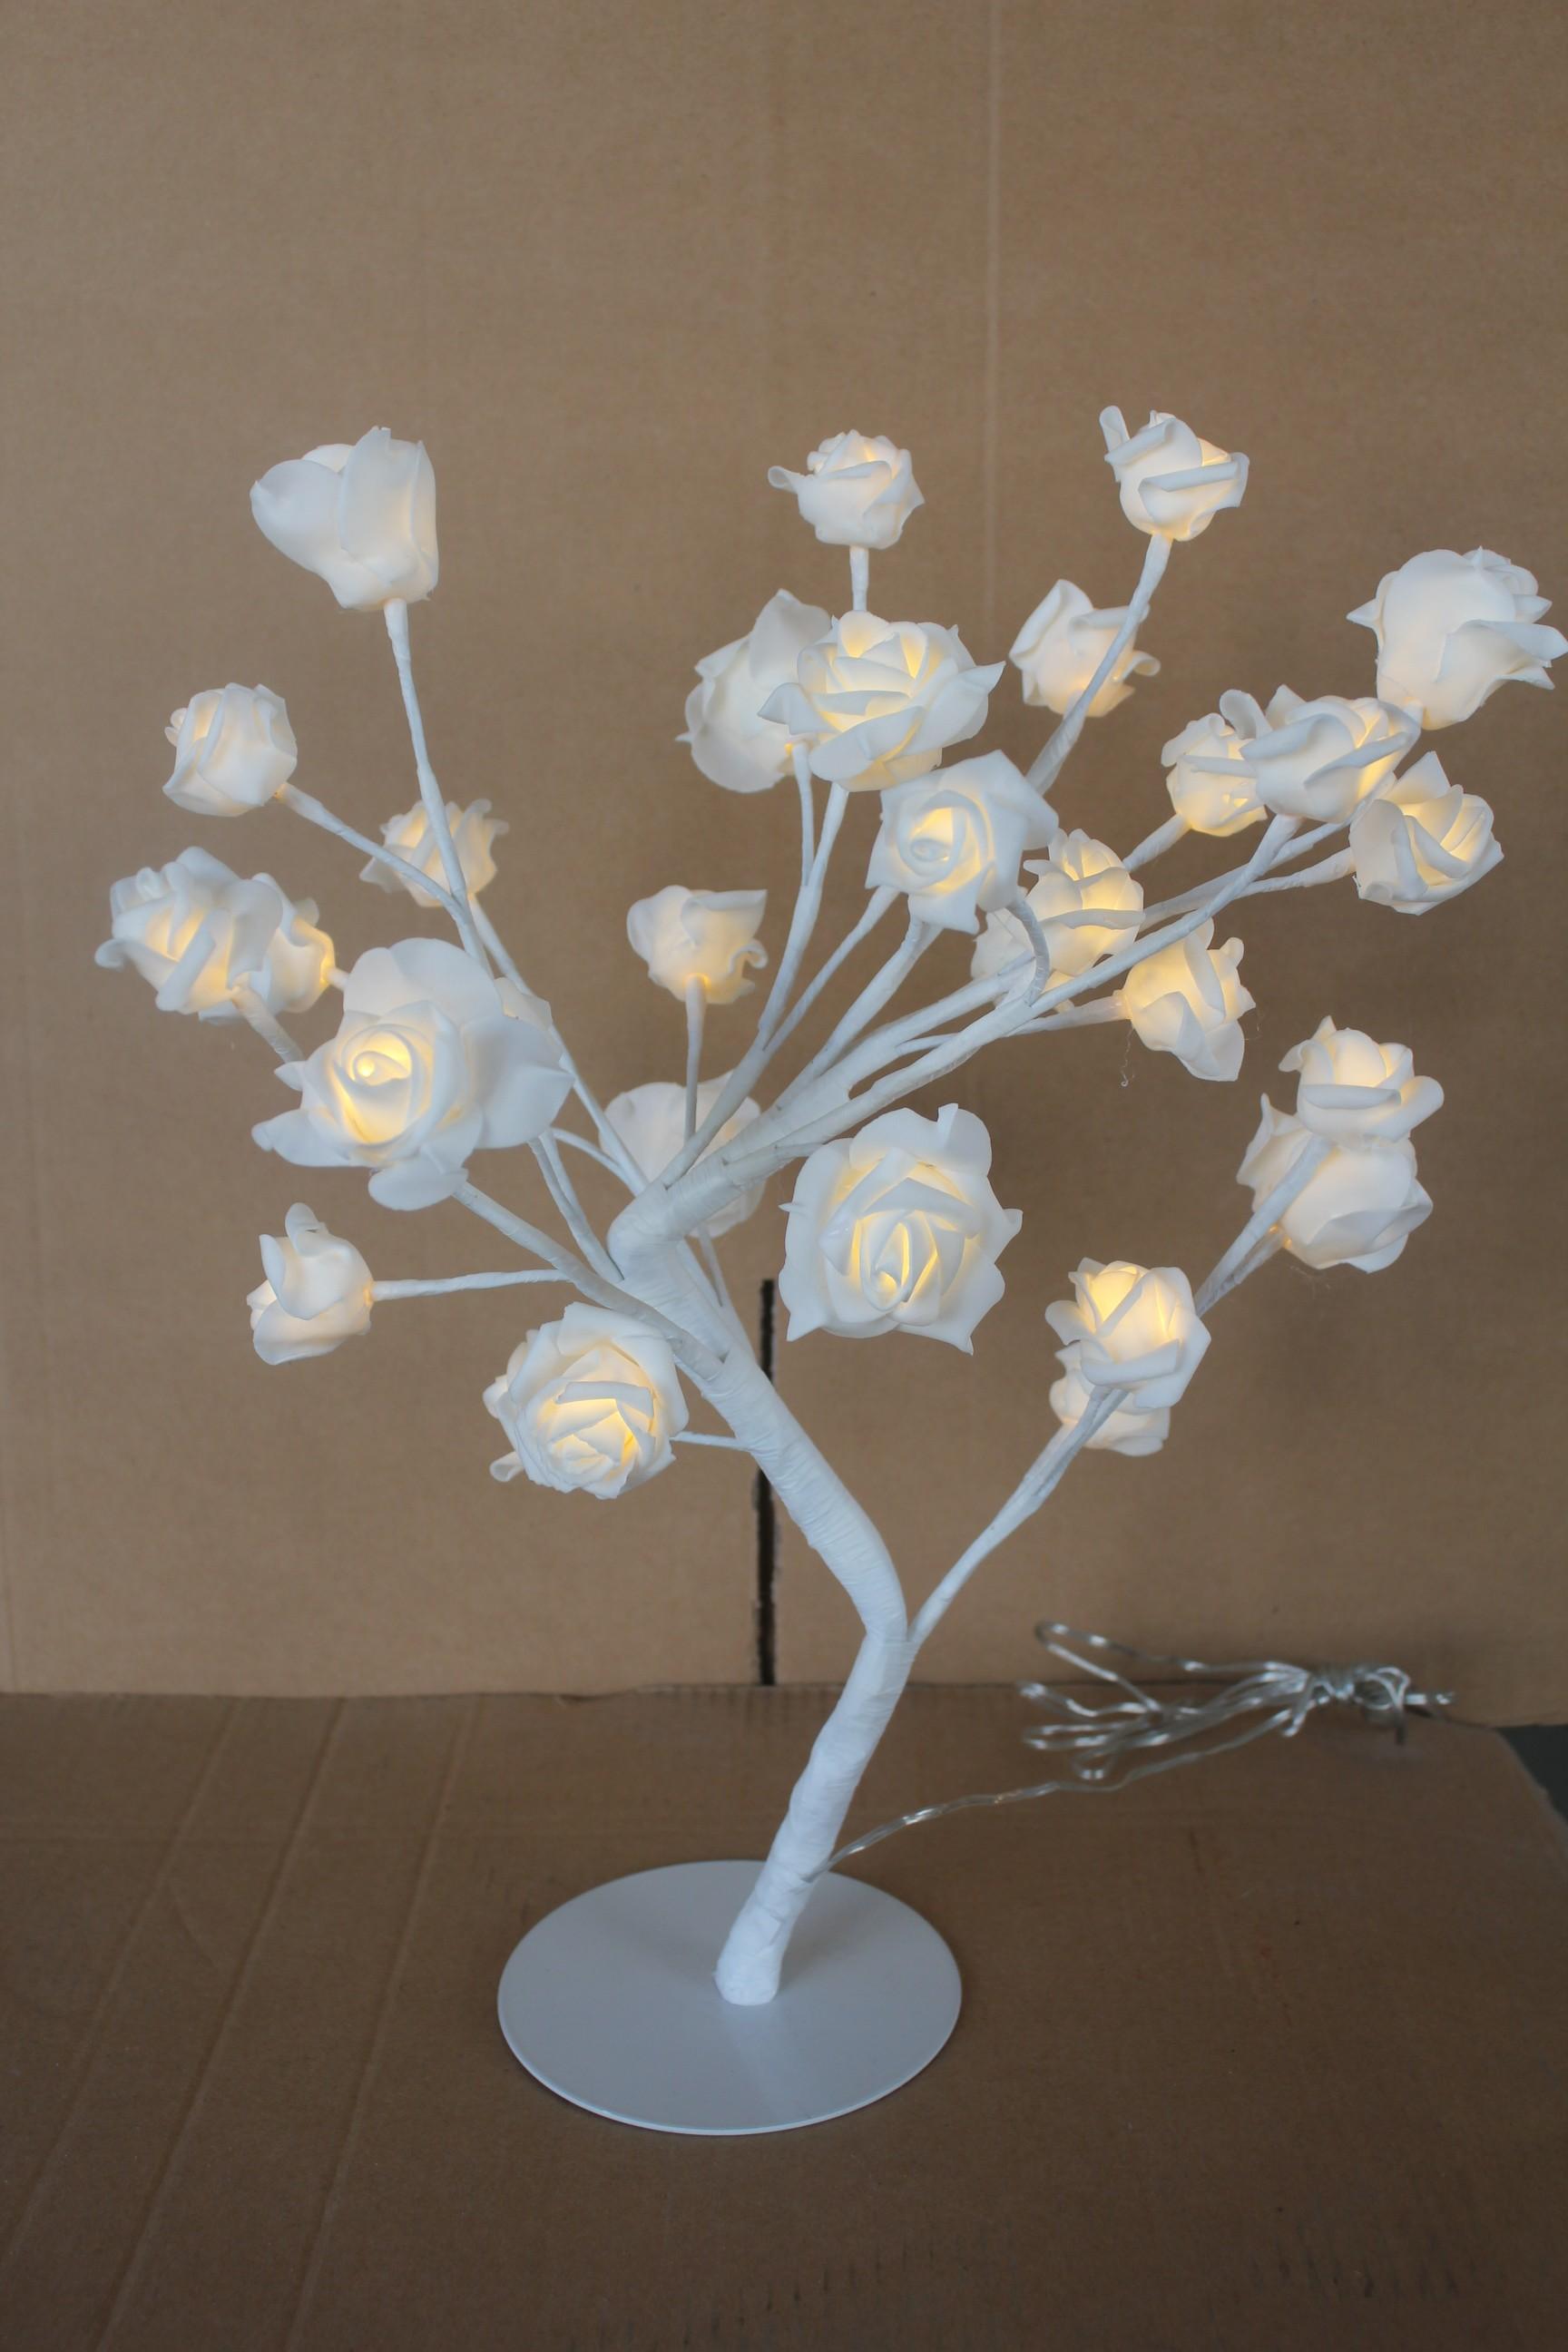 Led Lichterbaum 45cm mit Rosen 32 Led warmweiß Innen Rosenblüten ...